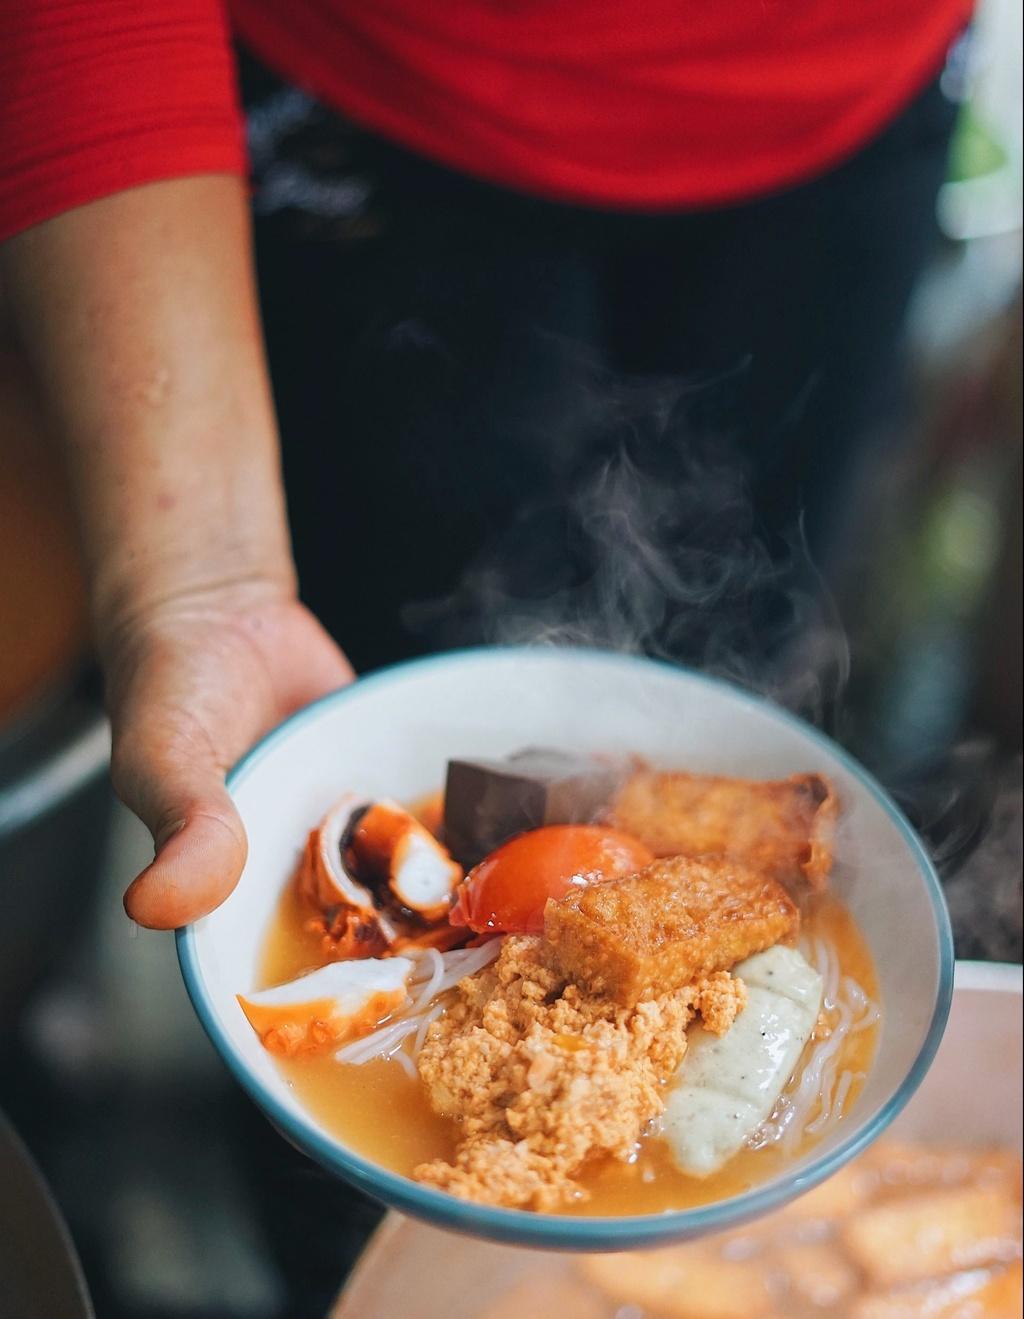 Mon bun hut khach tai Sai Gon anh 2